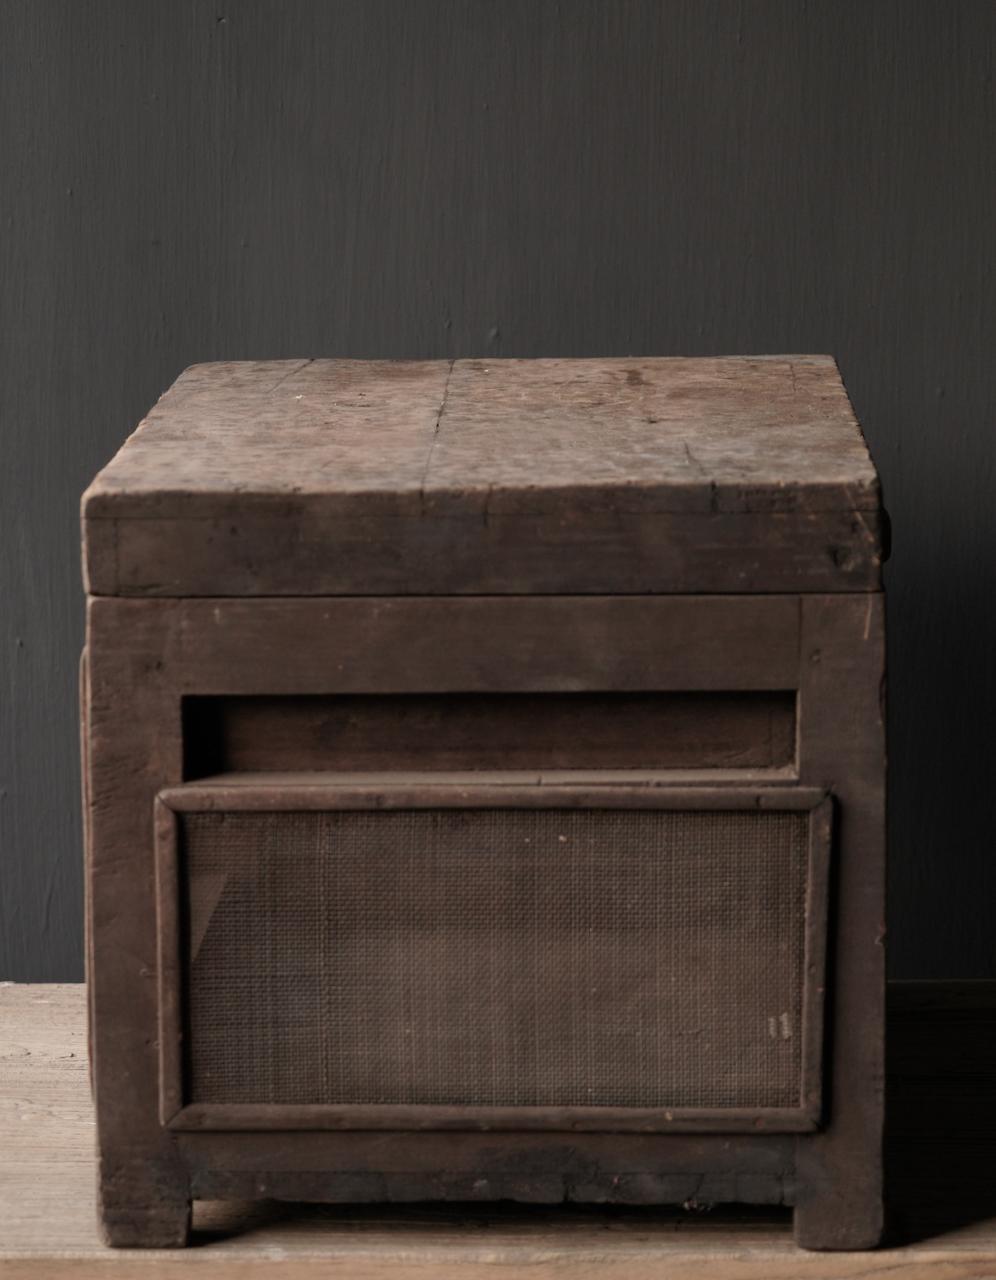 Oude Authentieke houten kistje met gaas-3